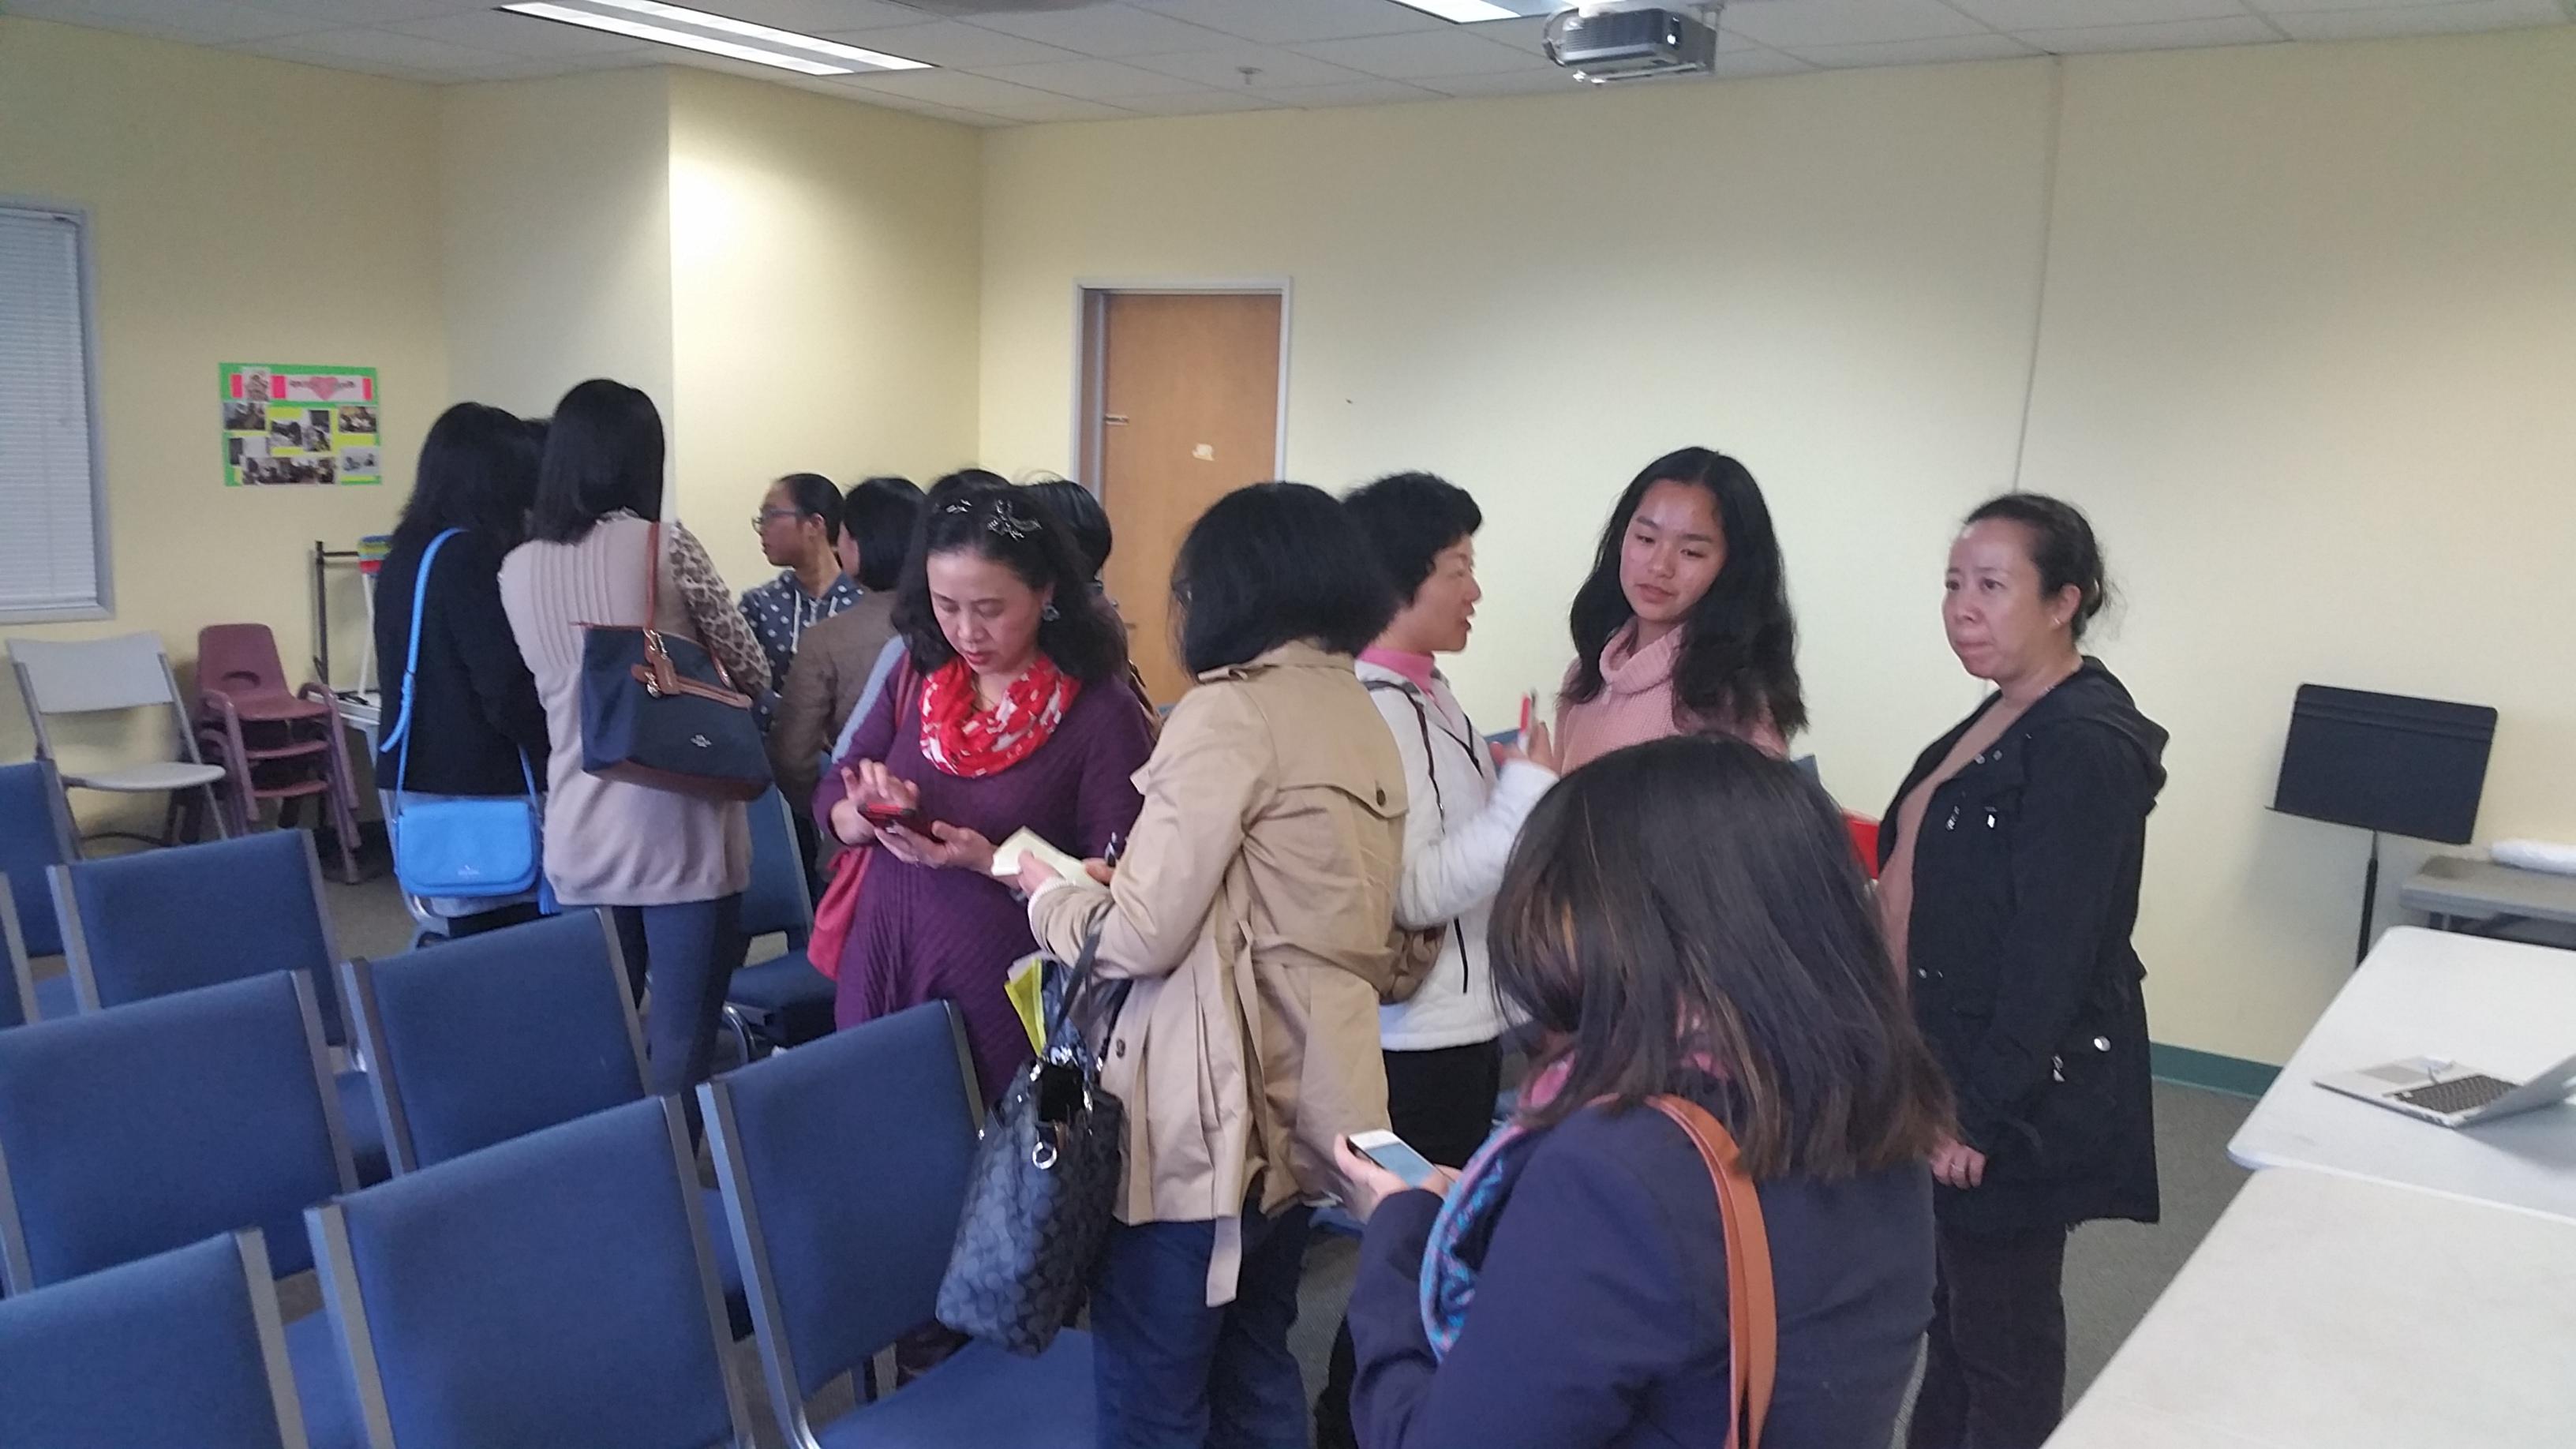 活动结束后,家长们久久不离去要围绕几个讲员学生希望多听些声音。